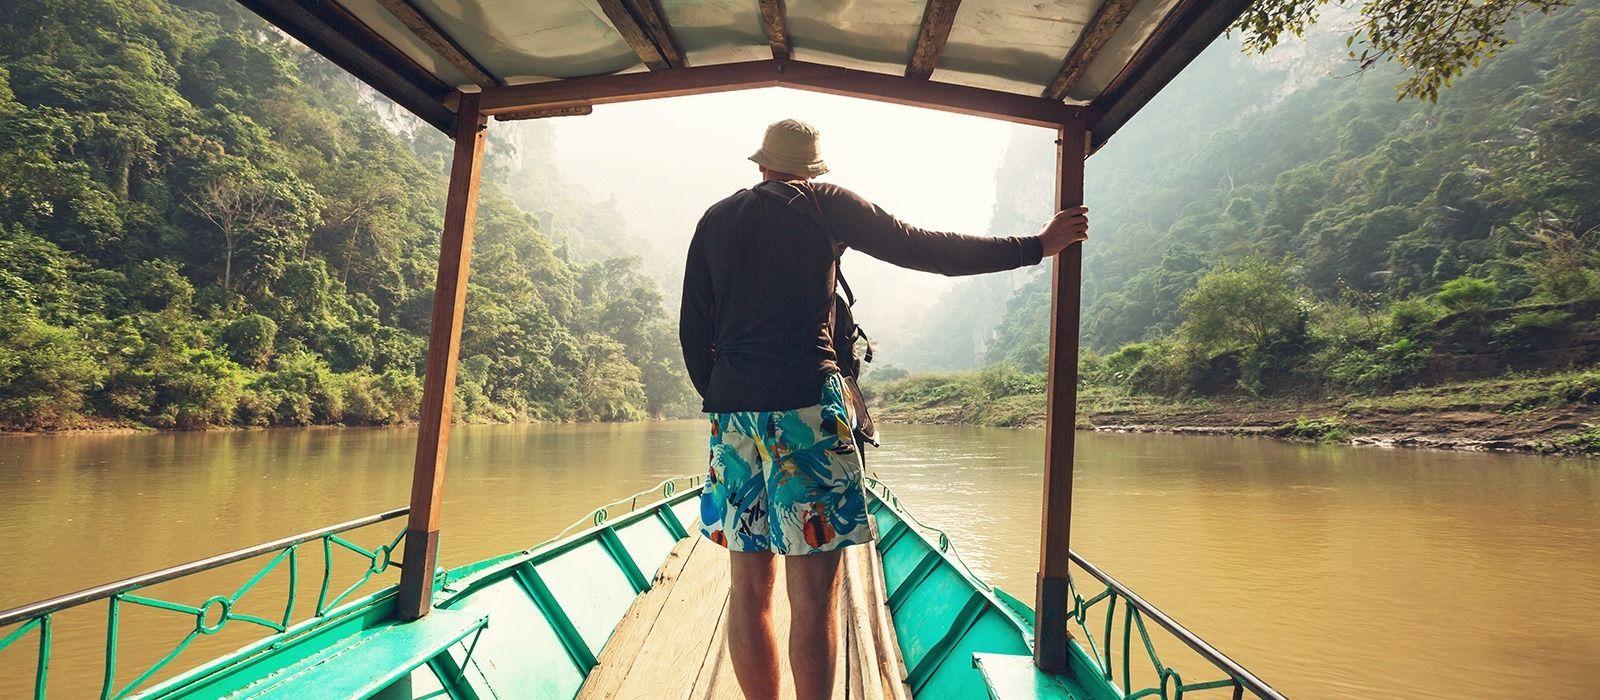 Destination Luang Prabang / Mekong Laos